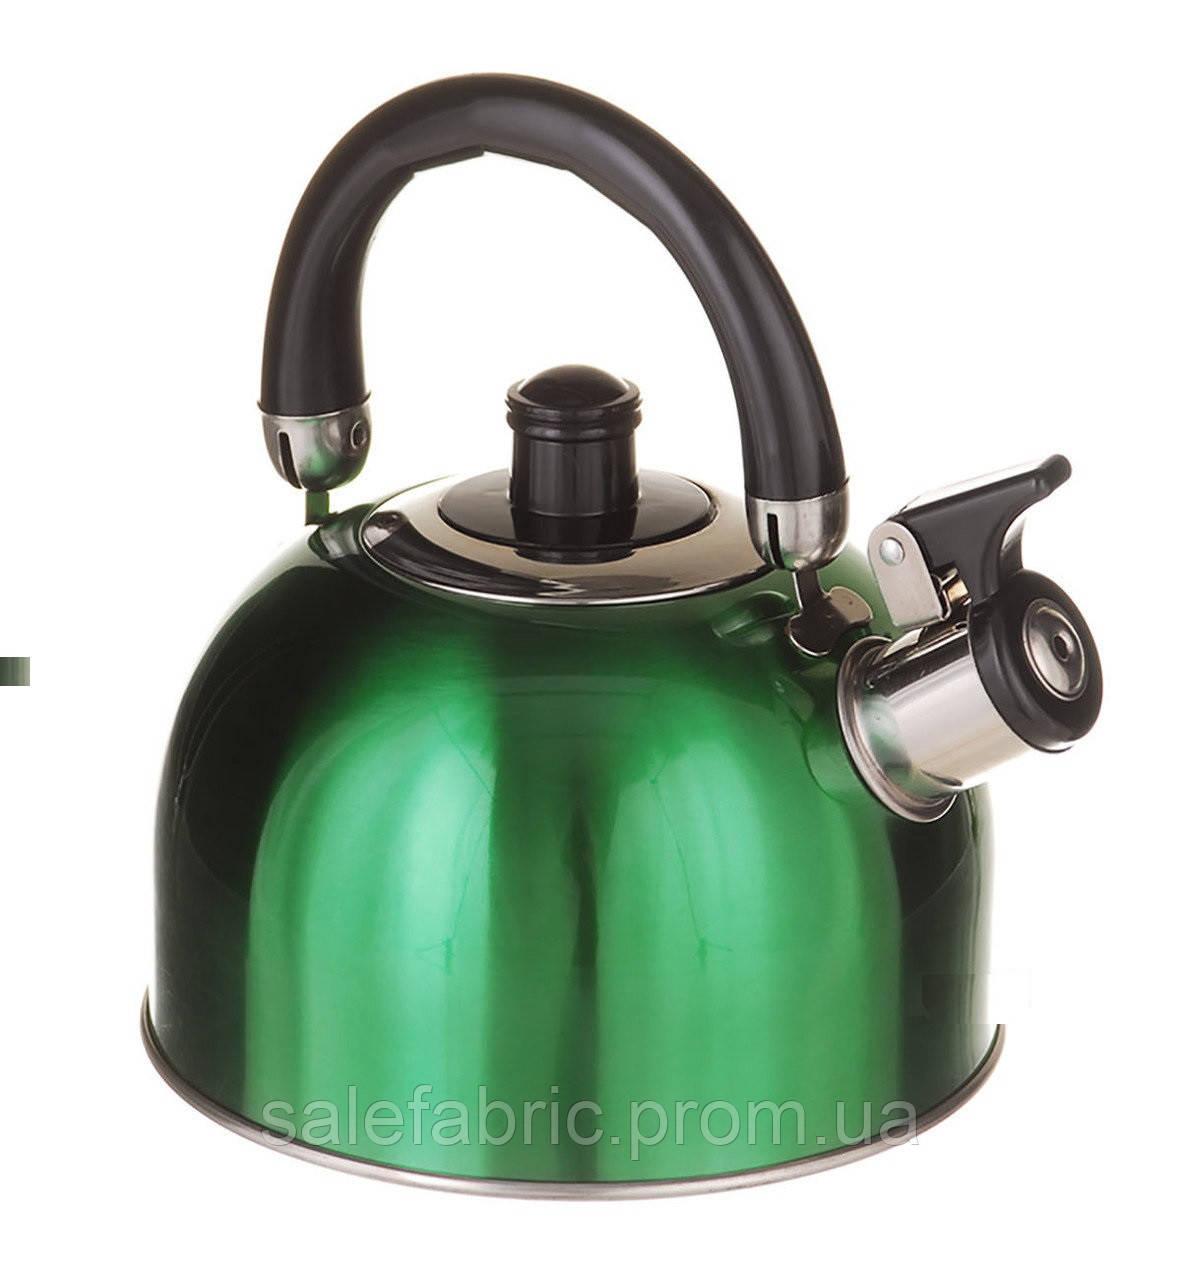 Чайник со свистком двойное дно, 2,5л. А-Плюс зеленый